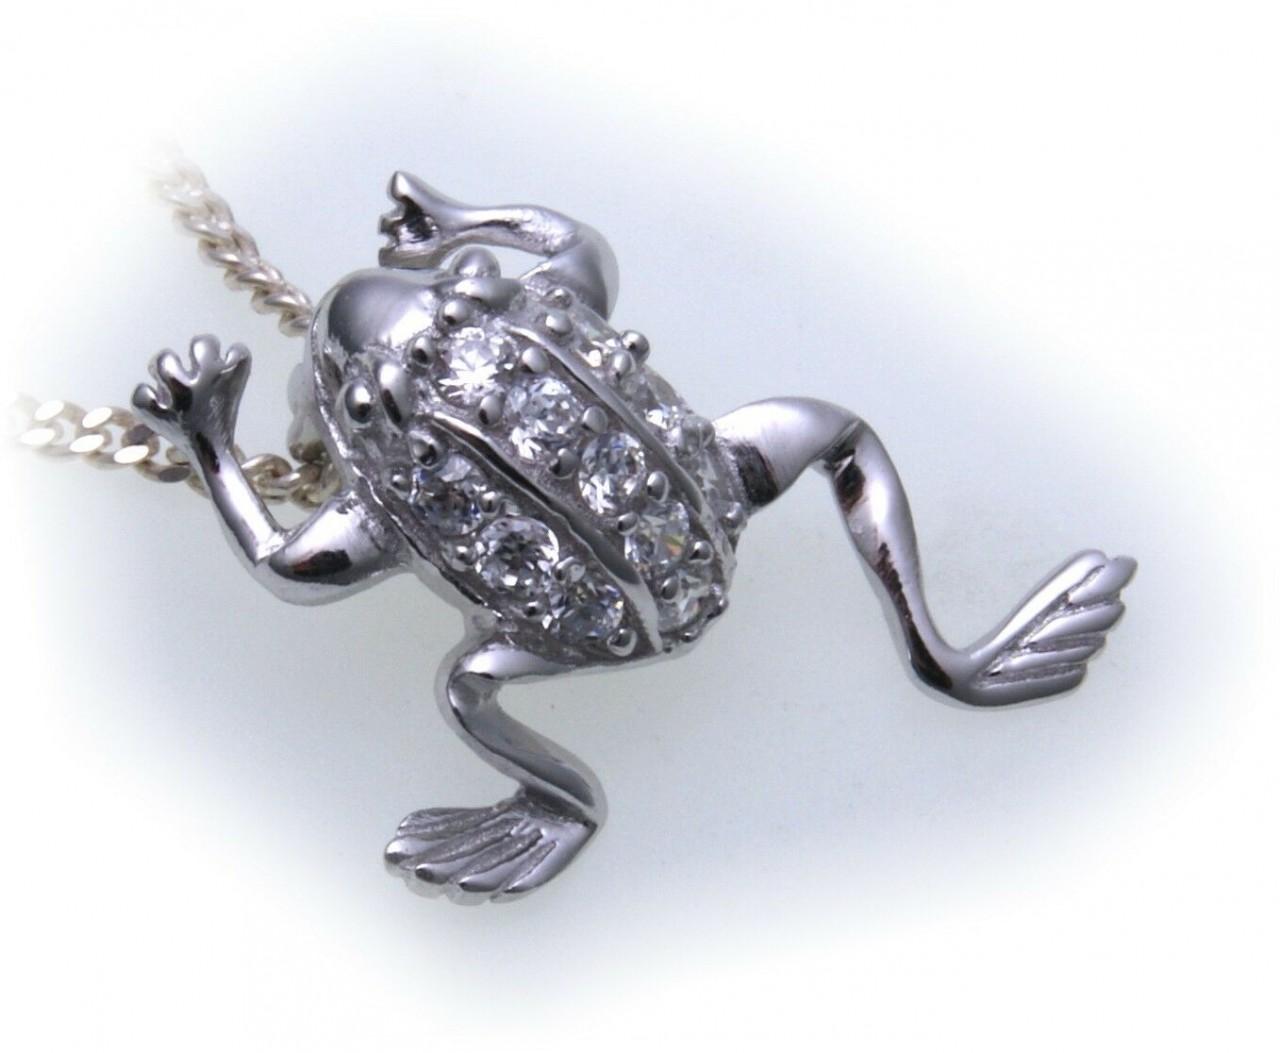 Anhänger Frosch echt Silber 925 mit Zirkonia Kröte Halsschmuck Sterlingsilber